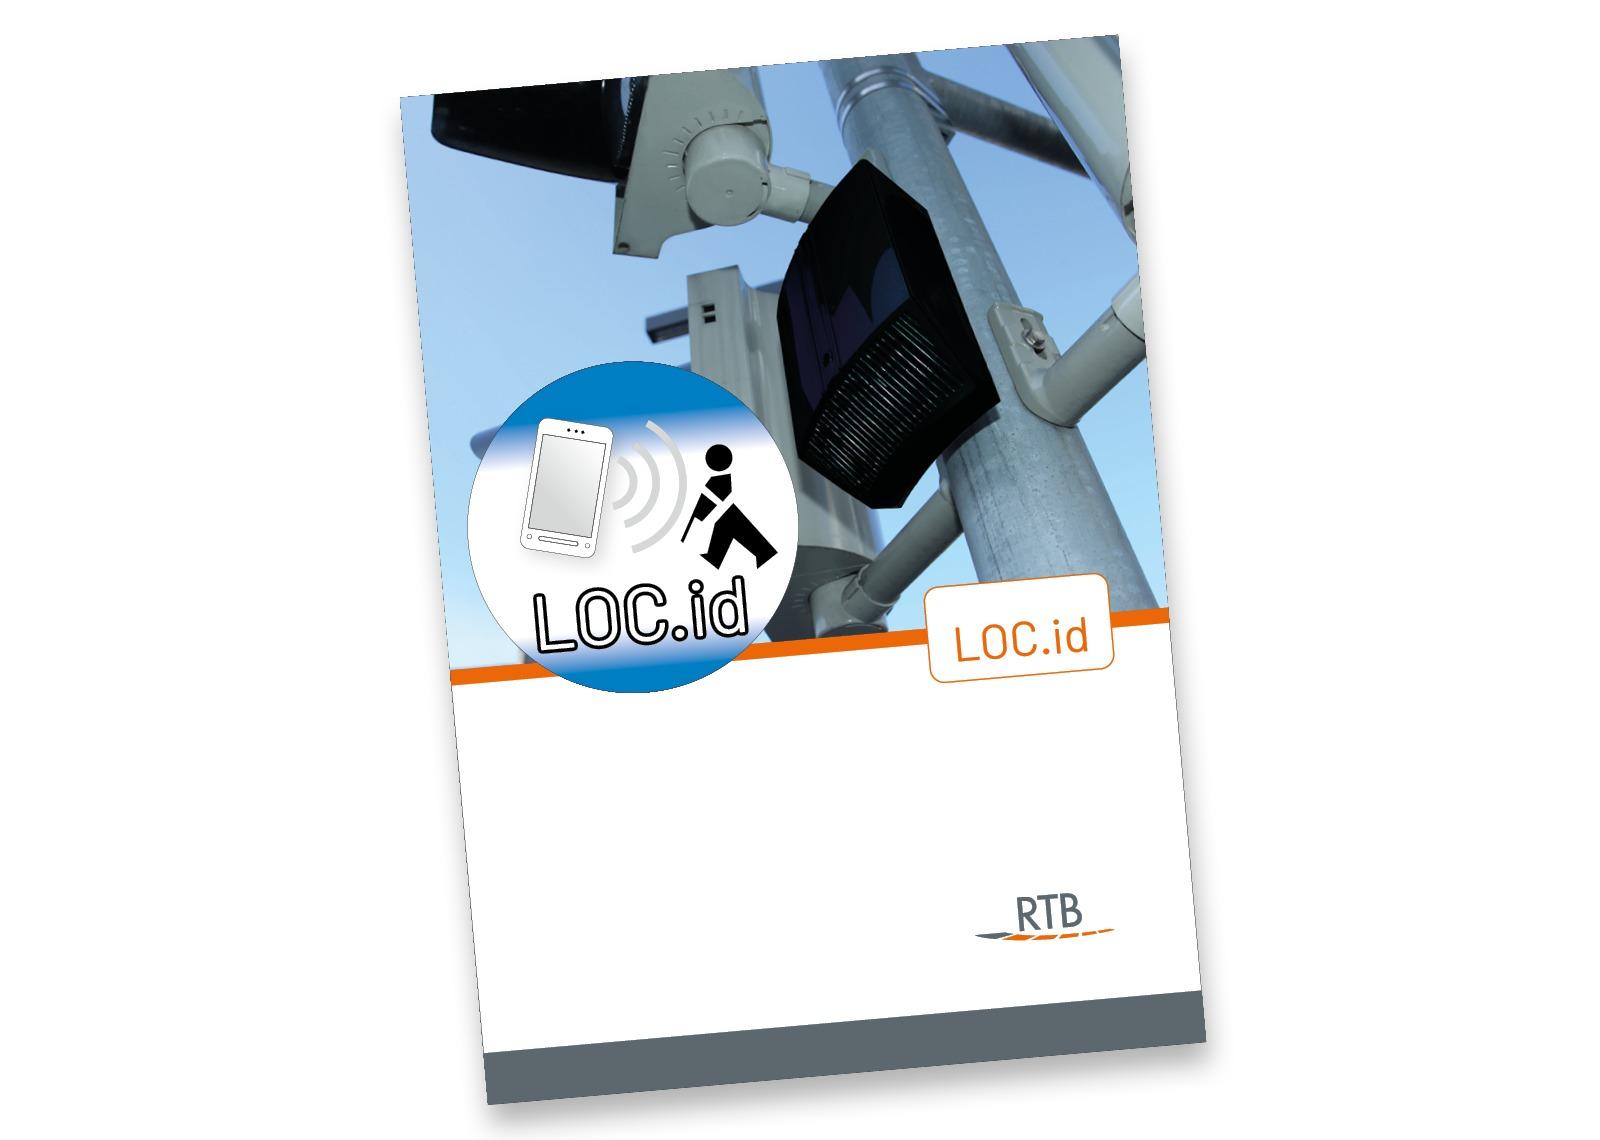 broschüren download locid EN